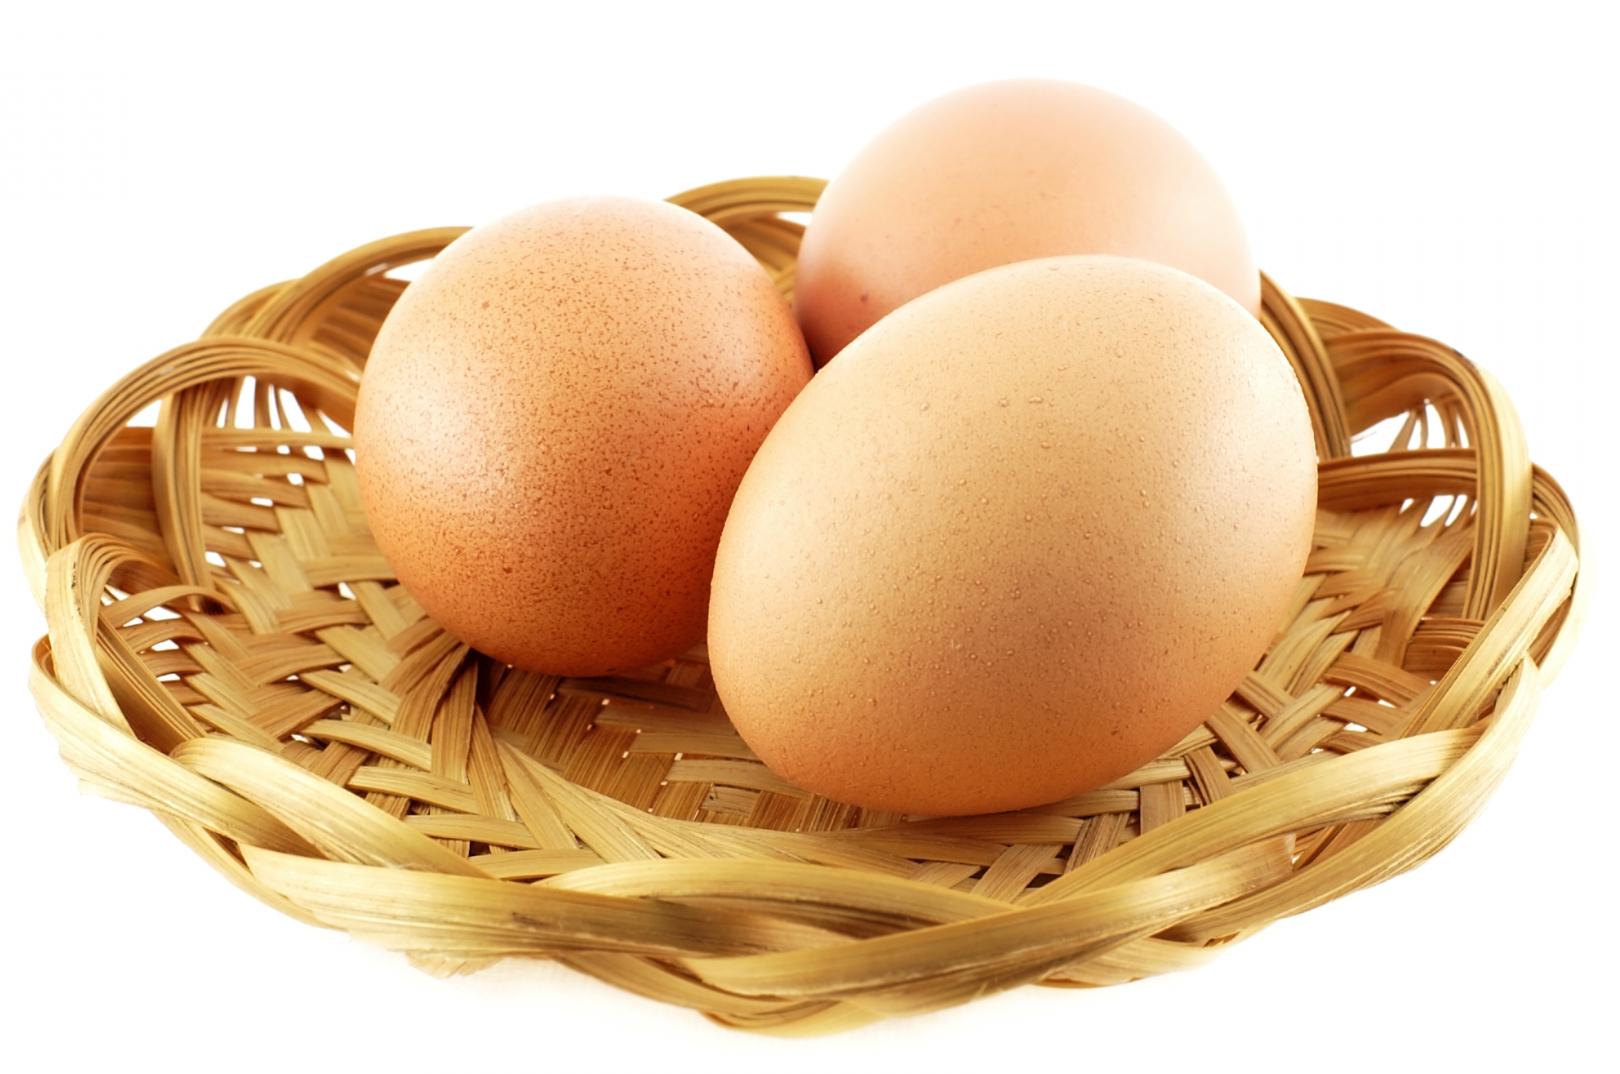 Nhận biết thực phẩm an toàn – trứng gà giả Trung Quốc qua hình dáng, kích thước bên ngoài và thông qua các giác quan